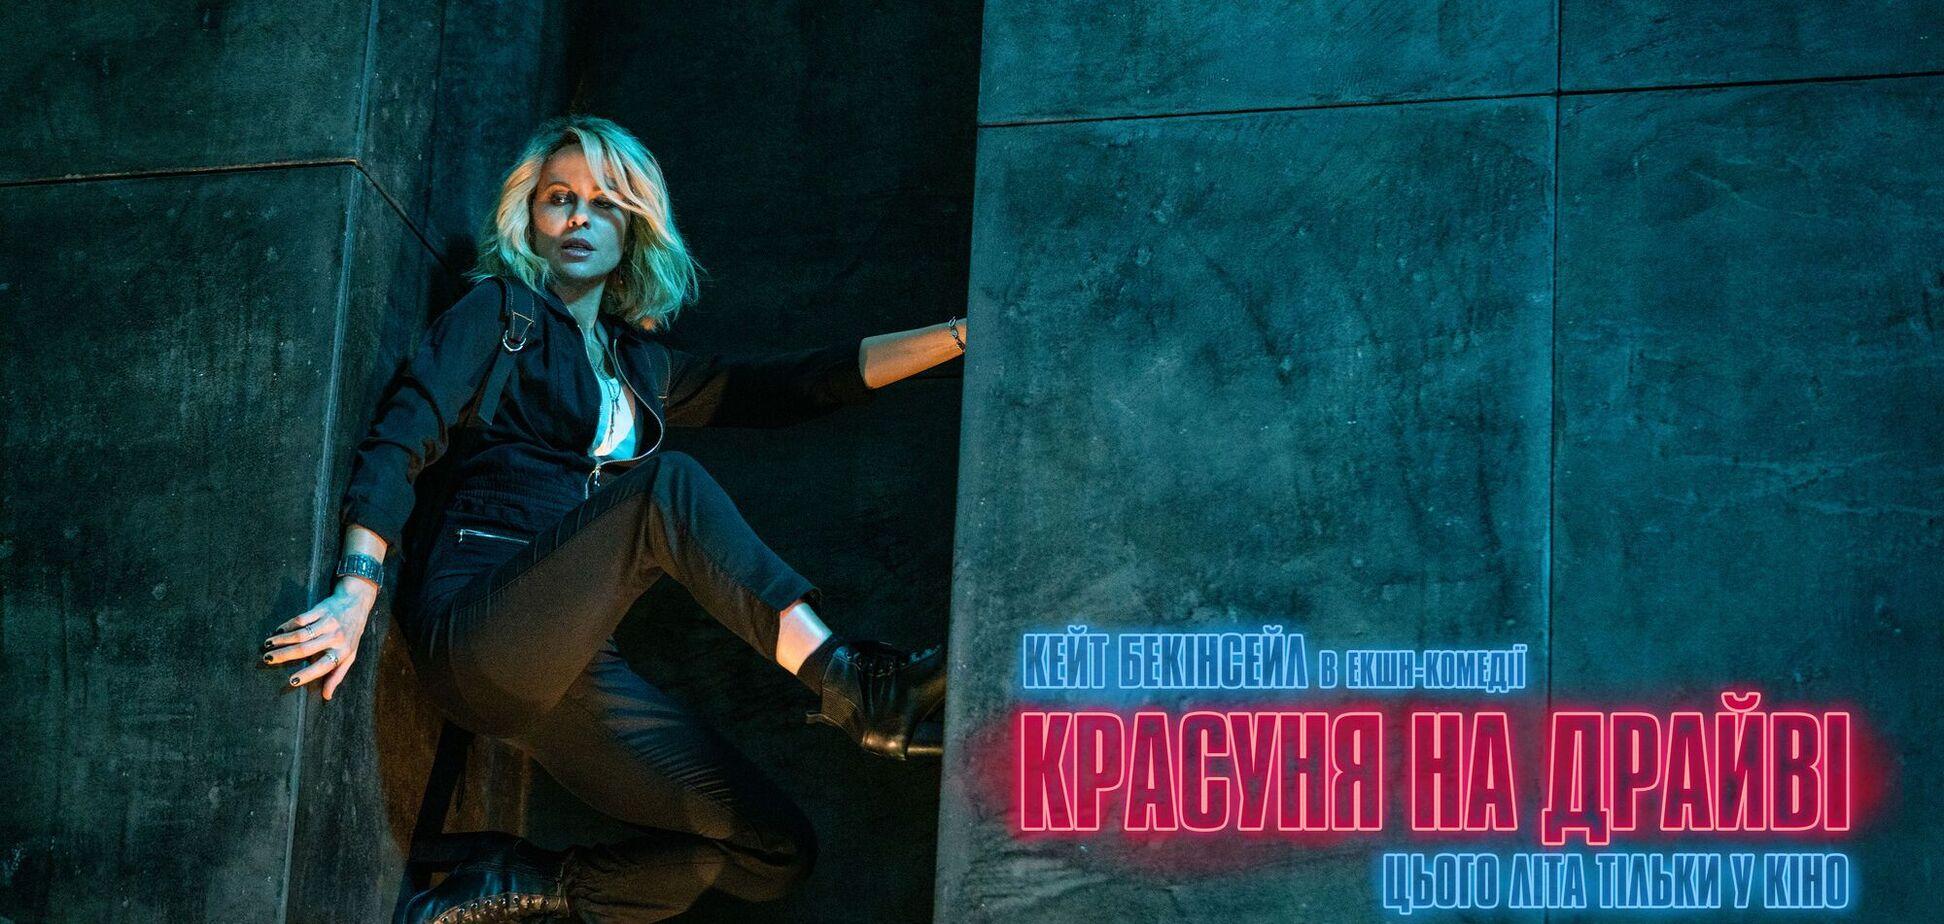 Первый взгляд на Кейт Бекинсейл в экшн-комедии 'Красавица на драйве': кадры, дата премьеры